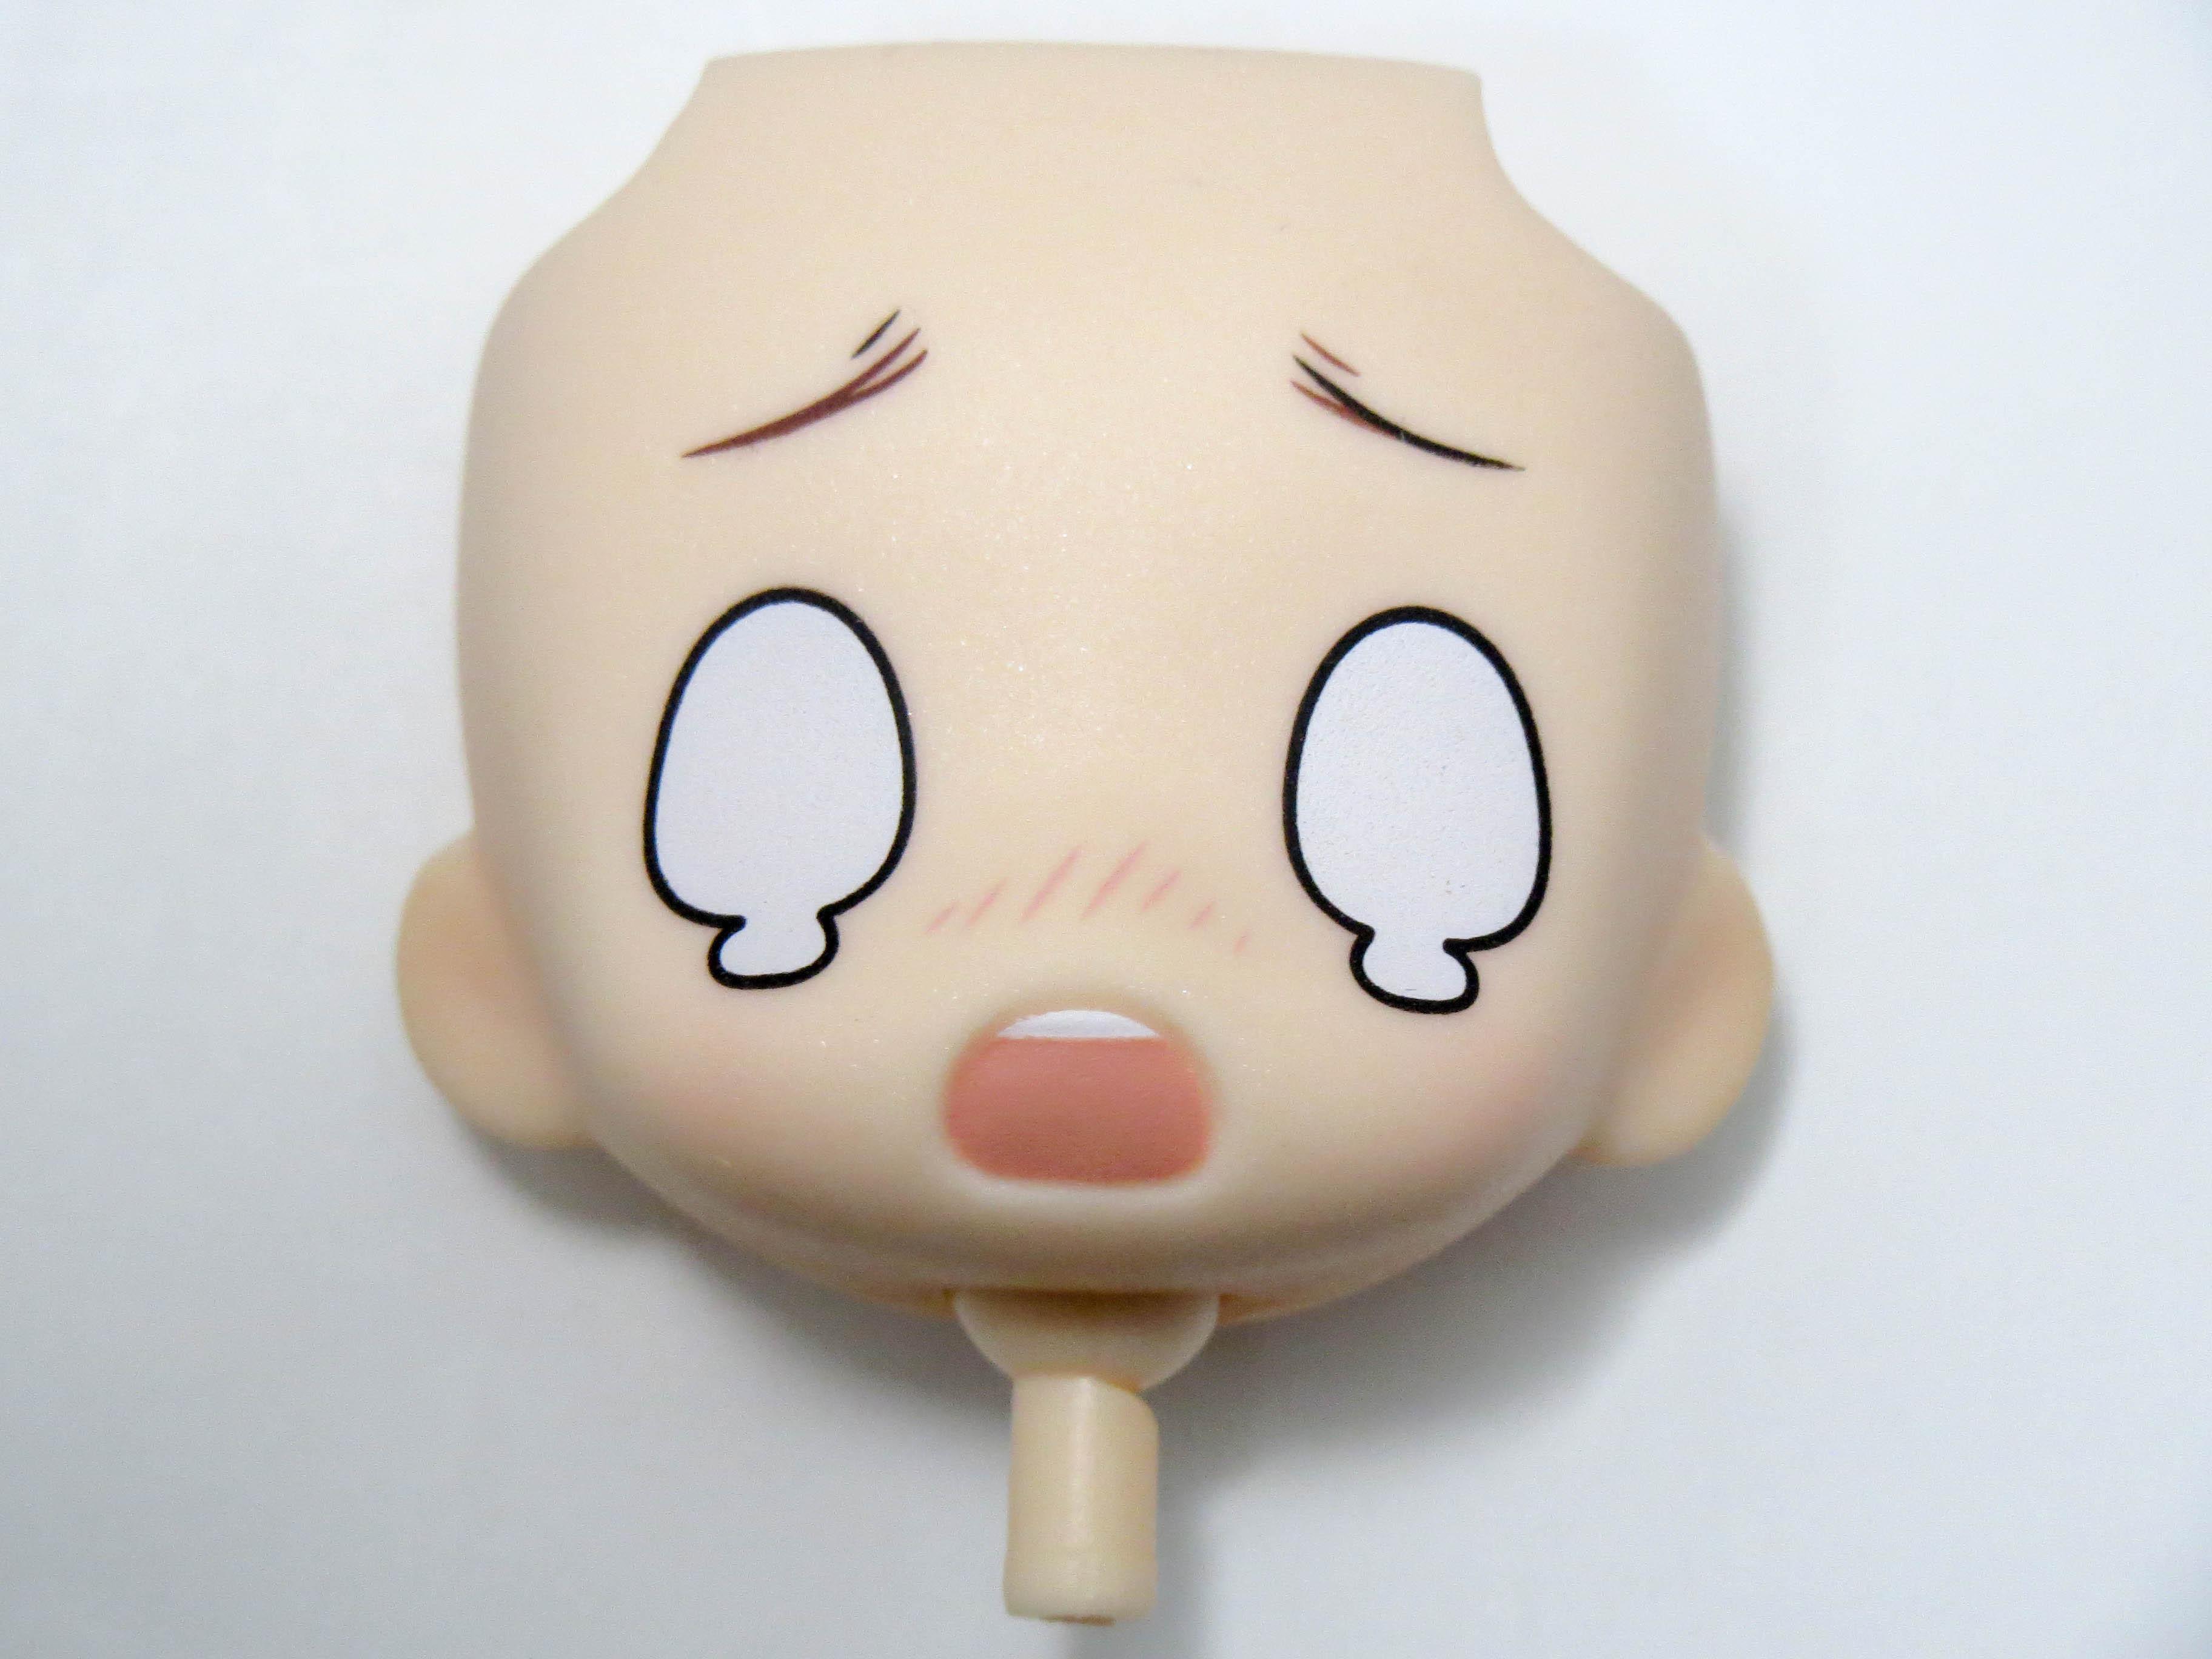 再入荷【086】 平沢唯 顔パーツ 泣き顔 ねんどろいど